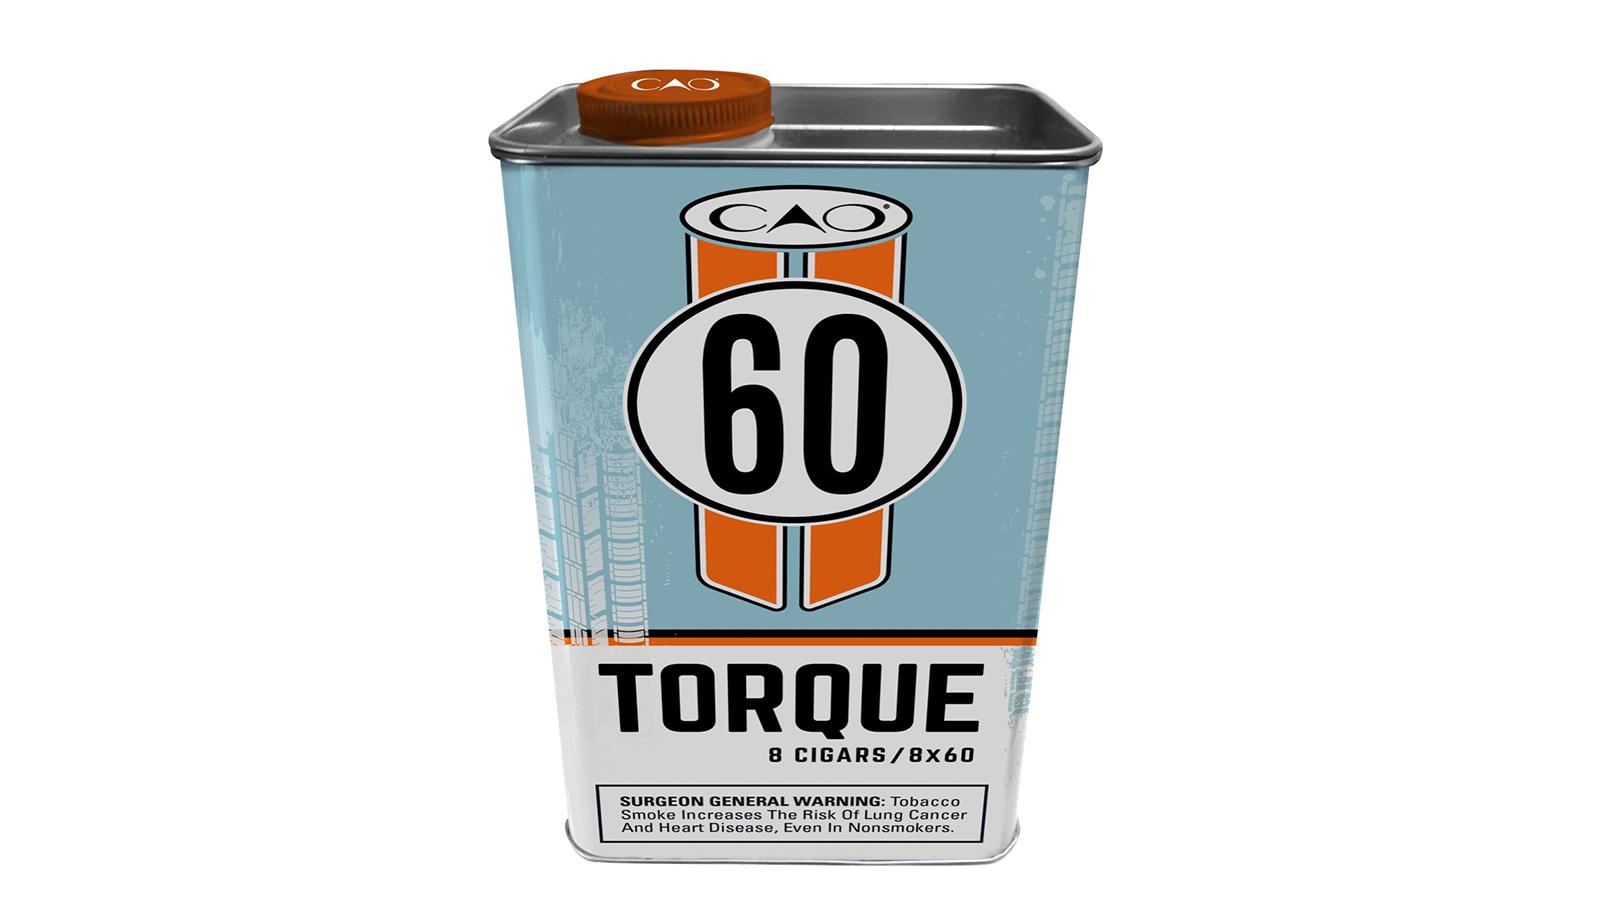 CAO 60 Torque